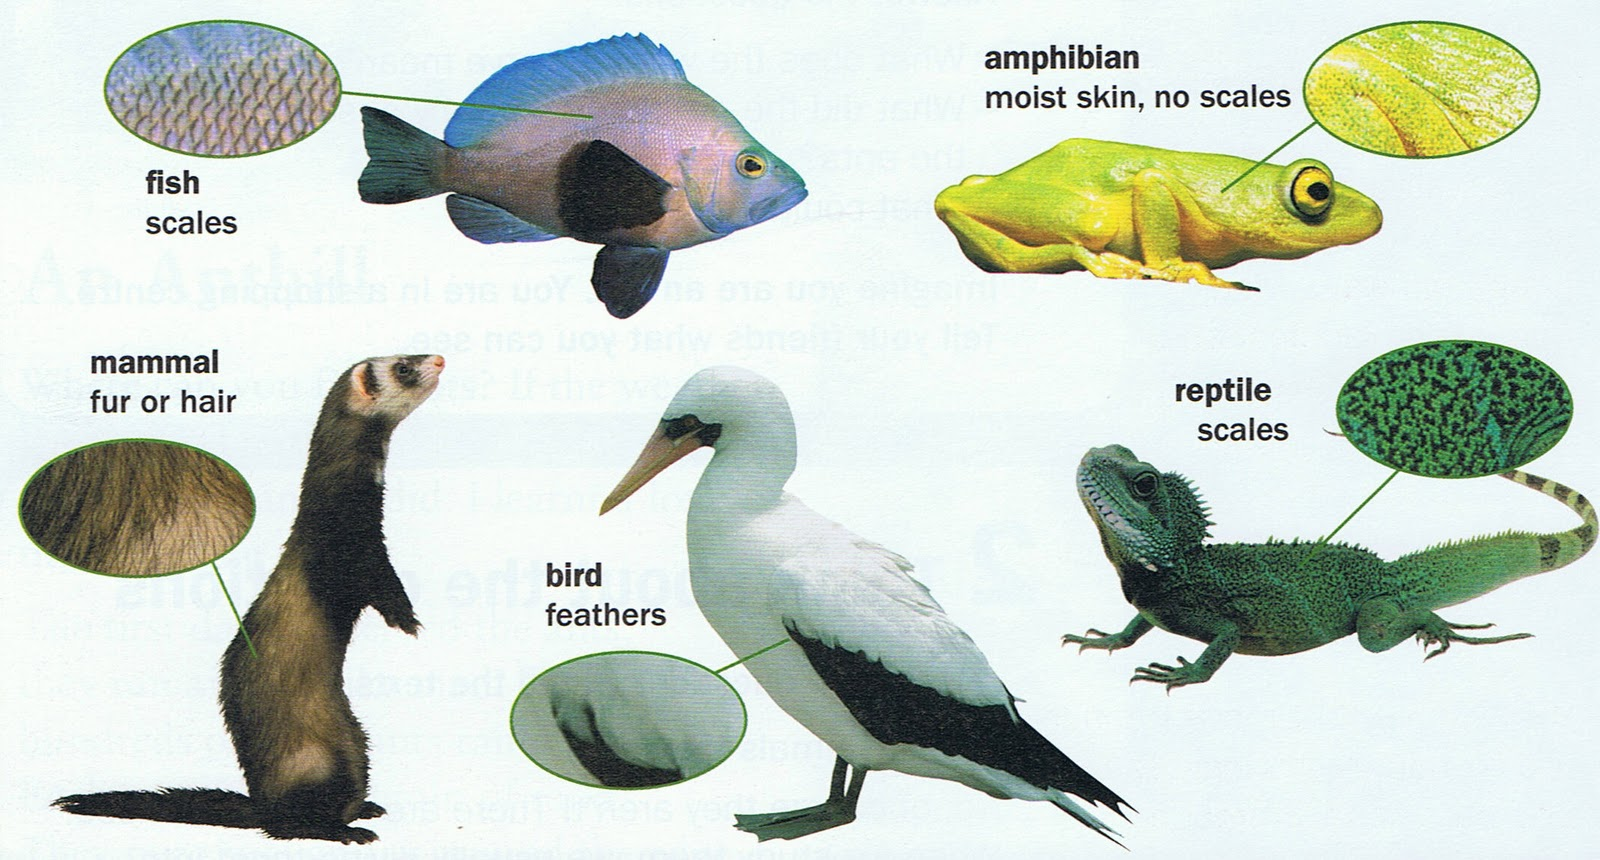 Science hernan cortes school talavera de la reina for Do all fish have scales